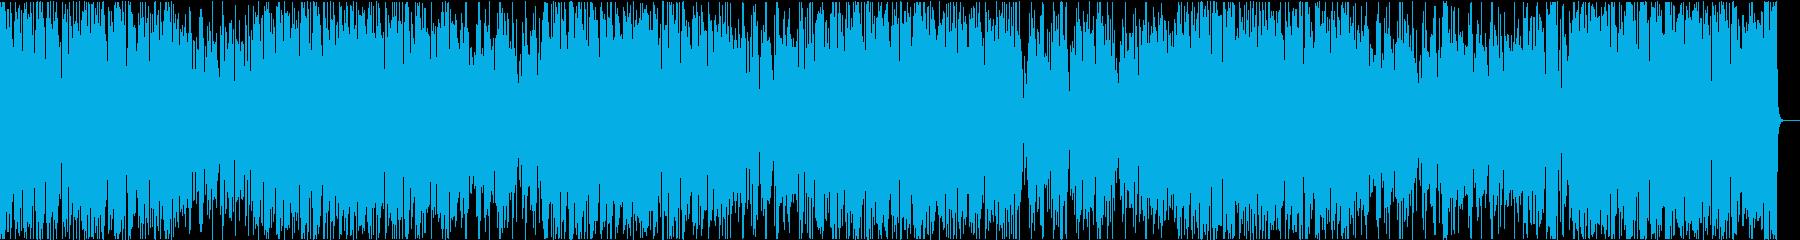 イケイケ/はやいジャズ/静かめの再生済みの波形